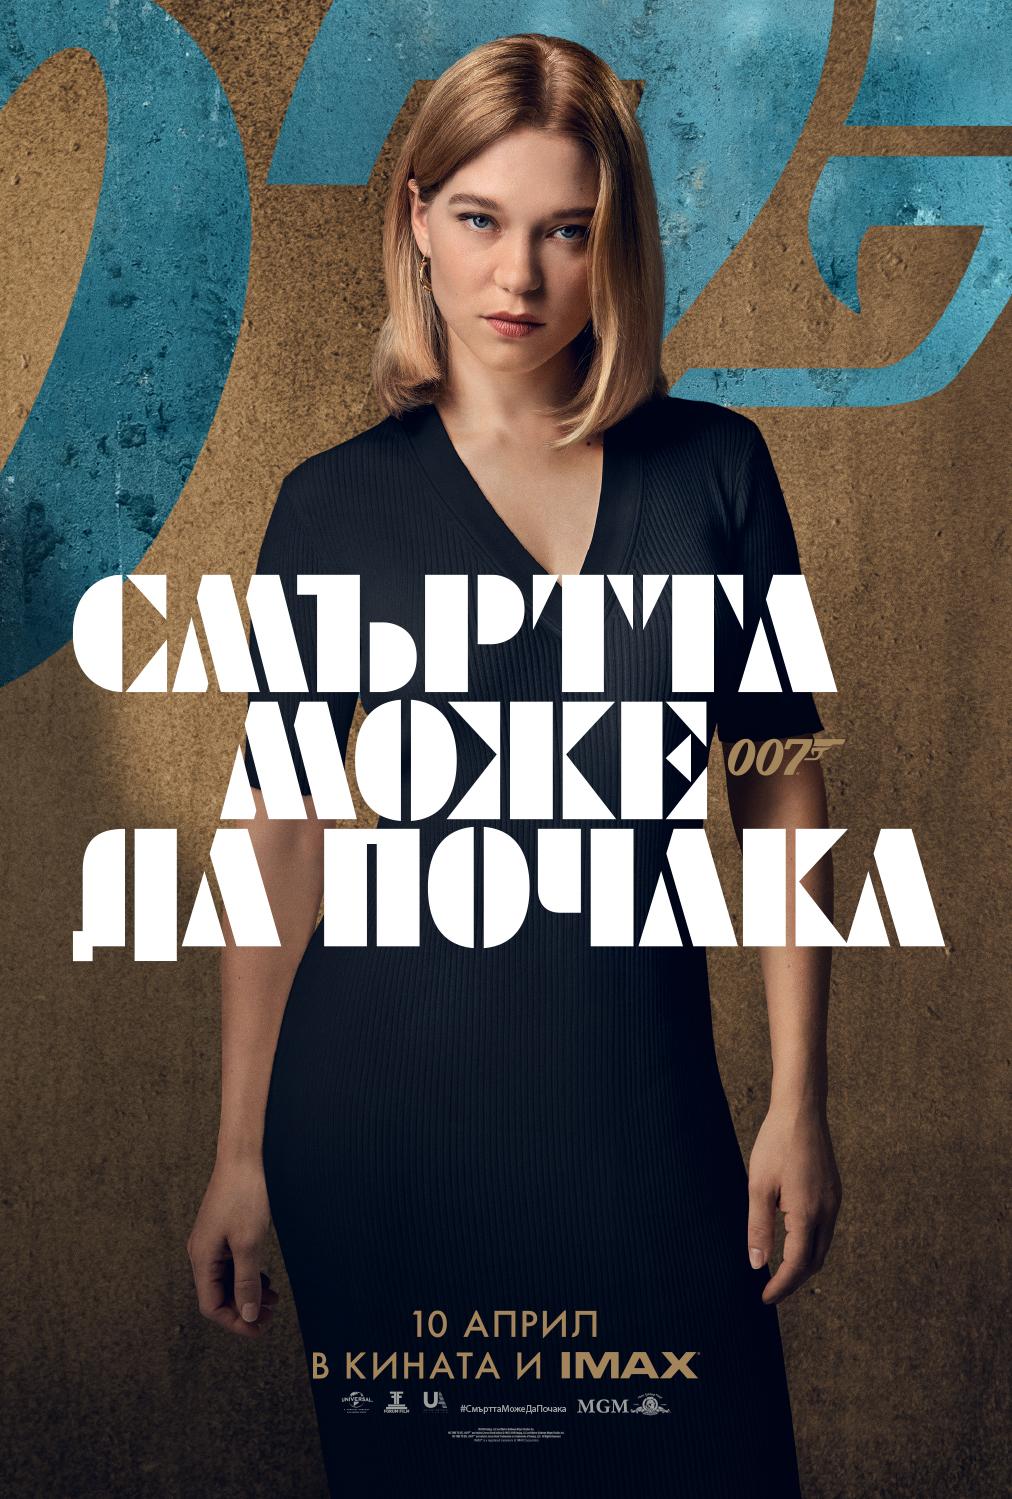 <p>Официалните постери на героите в &quot;Смъртта може да почака&quot; са любезно предоставени на Vesti.bg от Forum Film Bulgaria.</p>